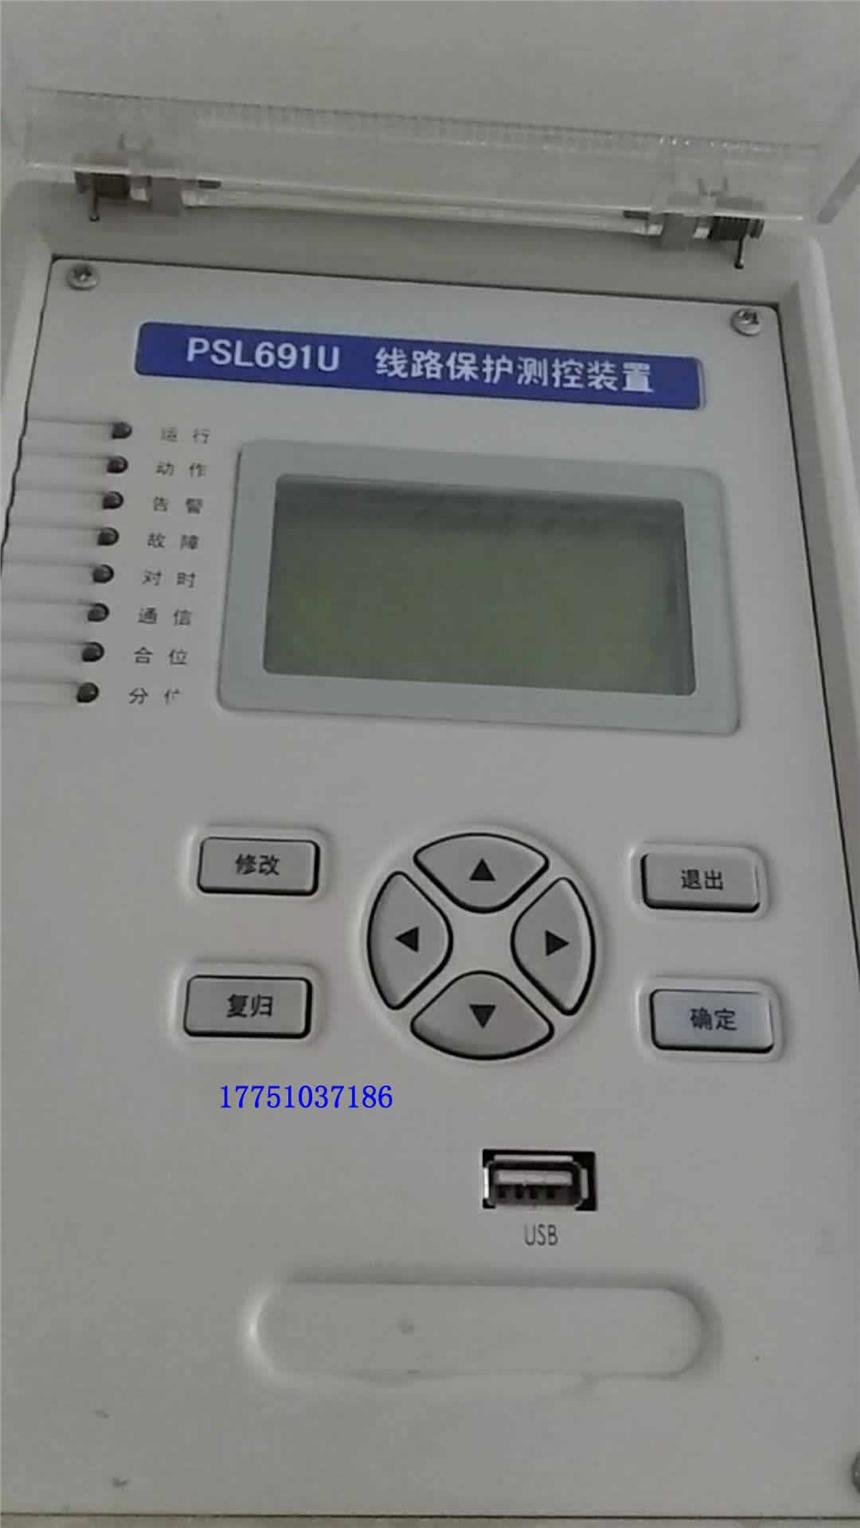 新闻:国电南自PSL691U技术说明定西psm641uX厂家